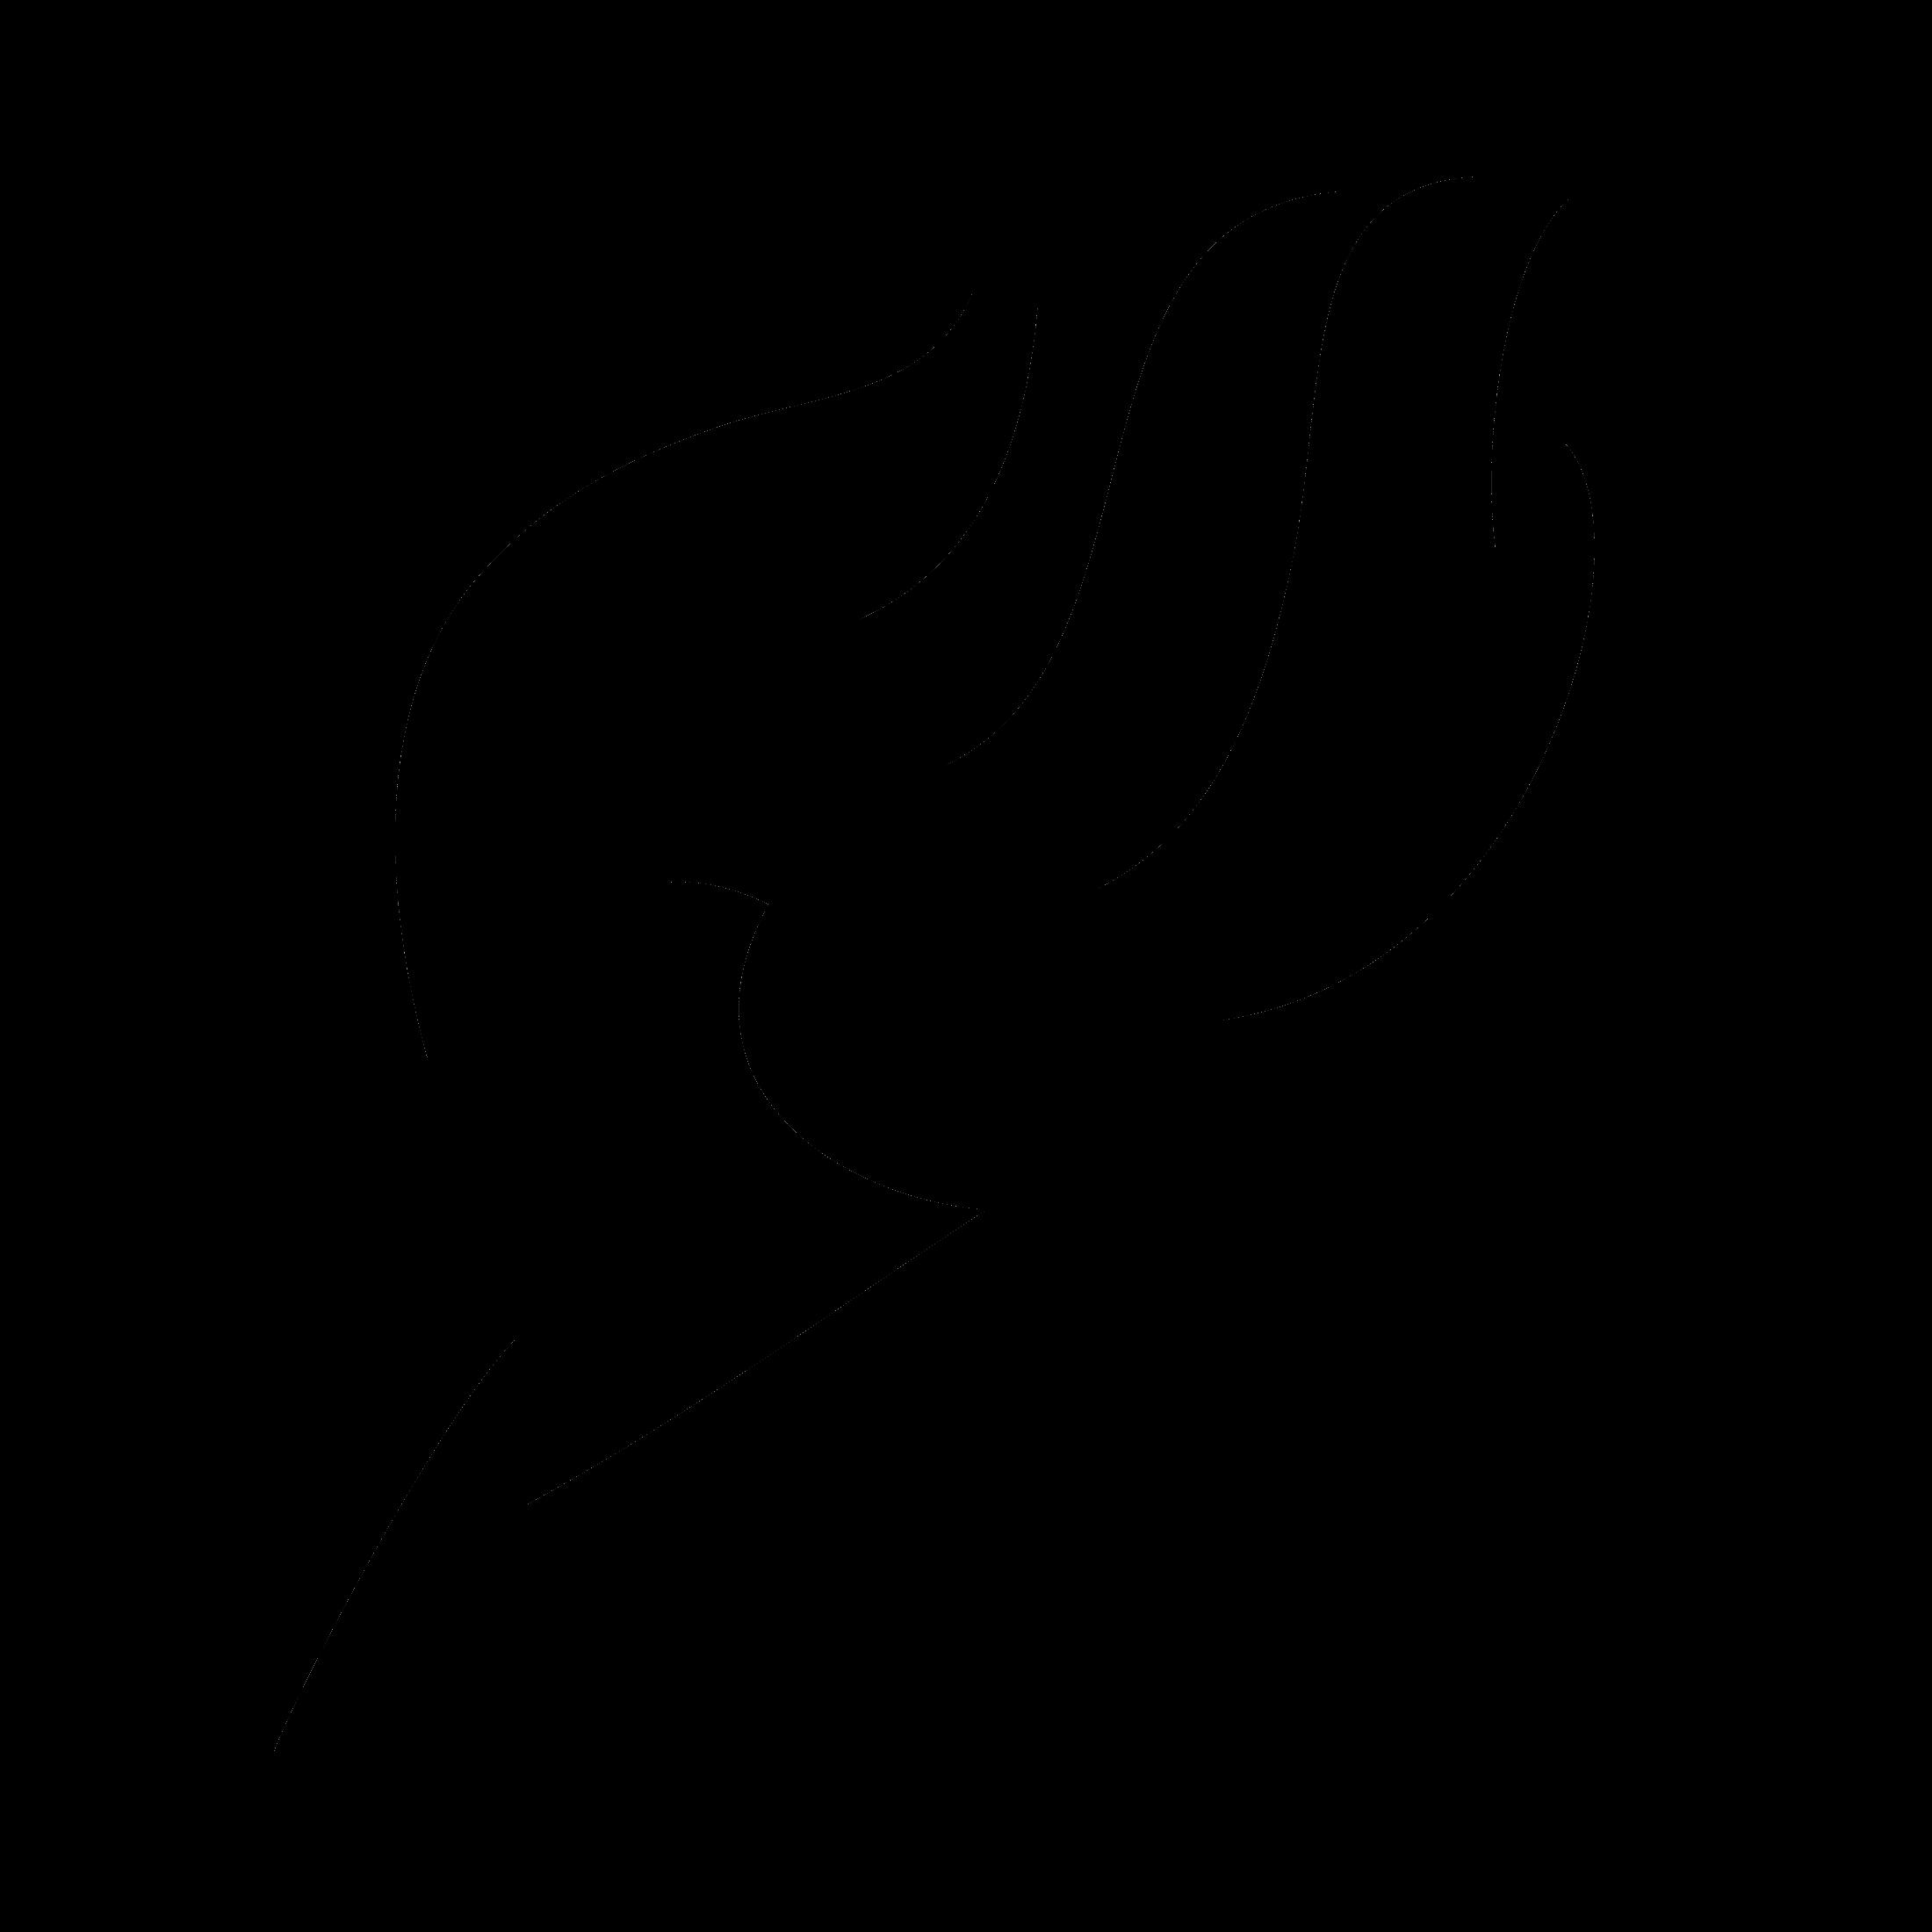 семеновна после смешные картинки хвост феи и их герб эффектные